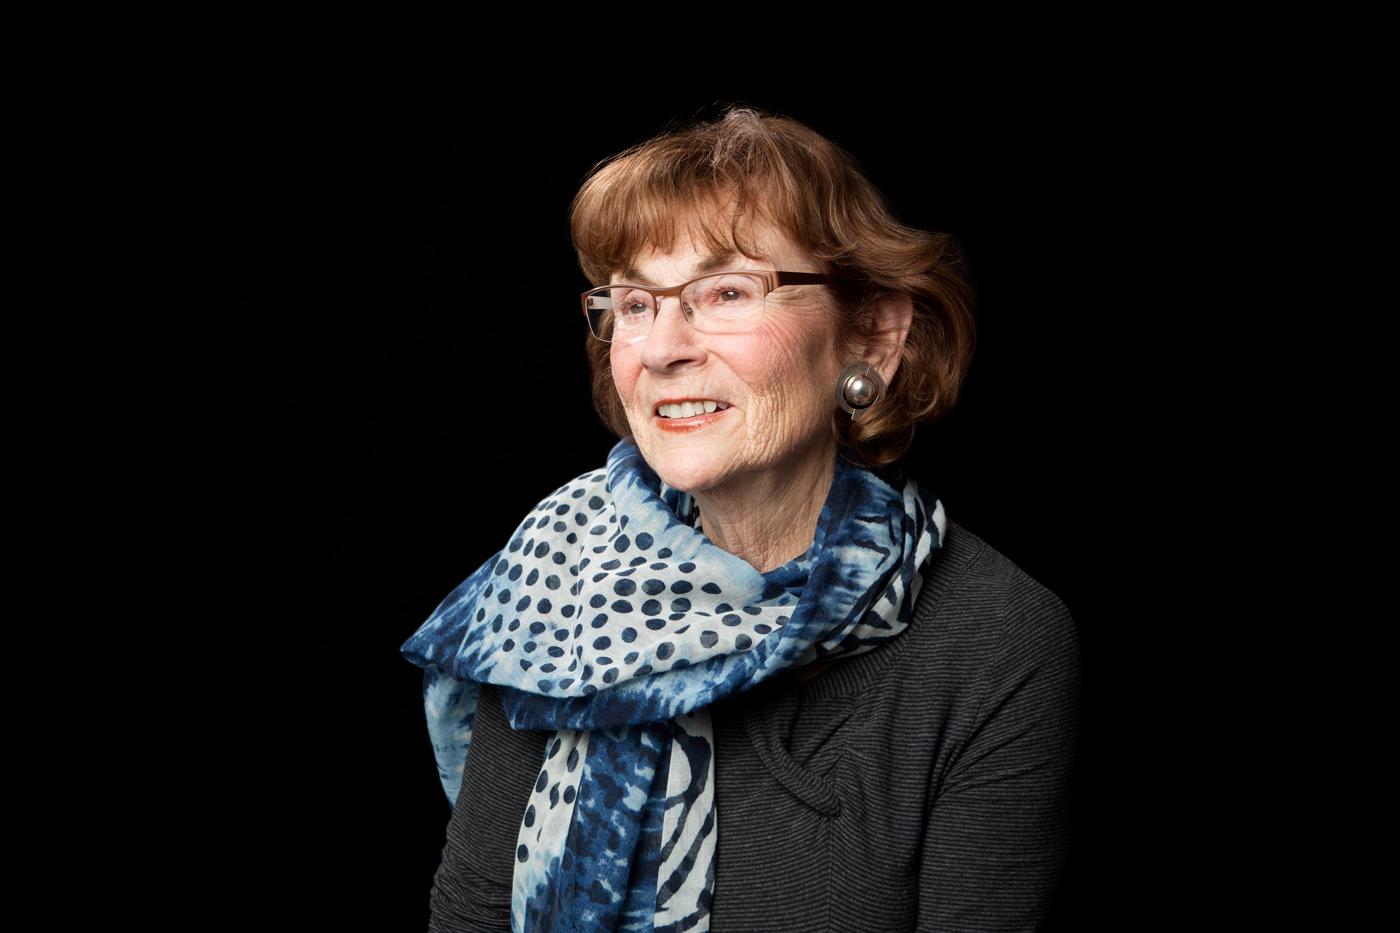 Eva Singer for Sinai Health magazine.